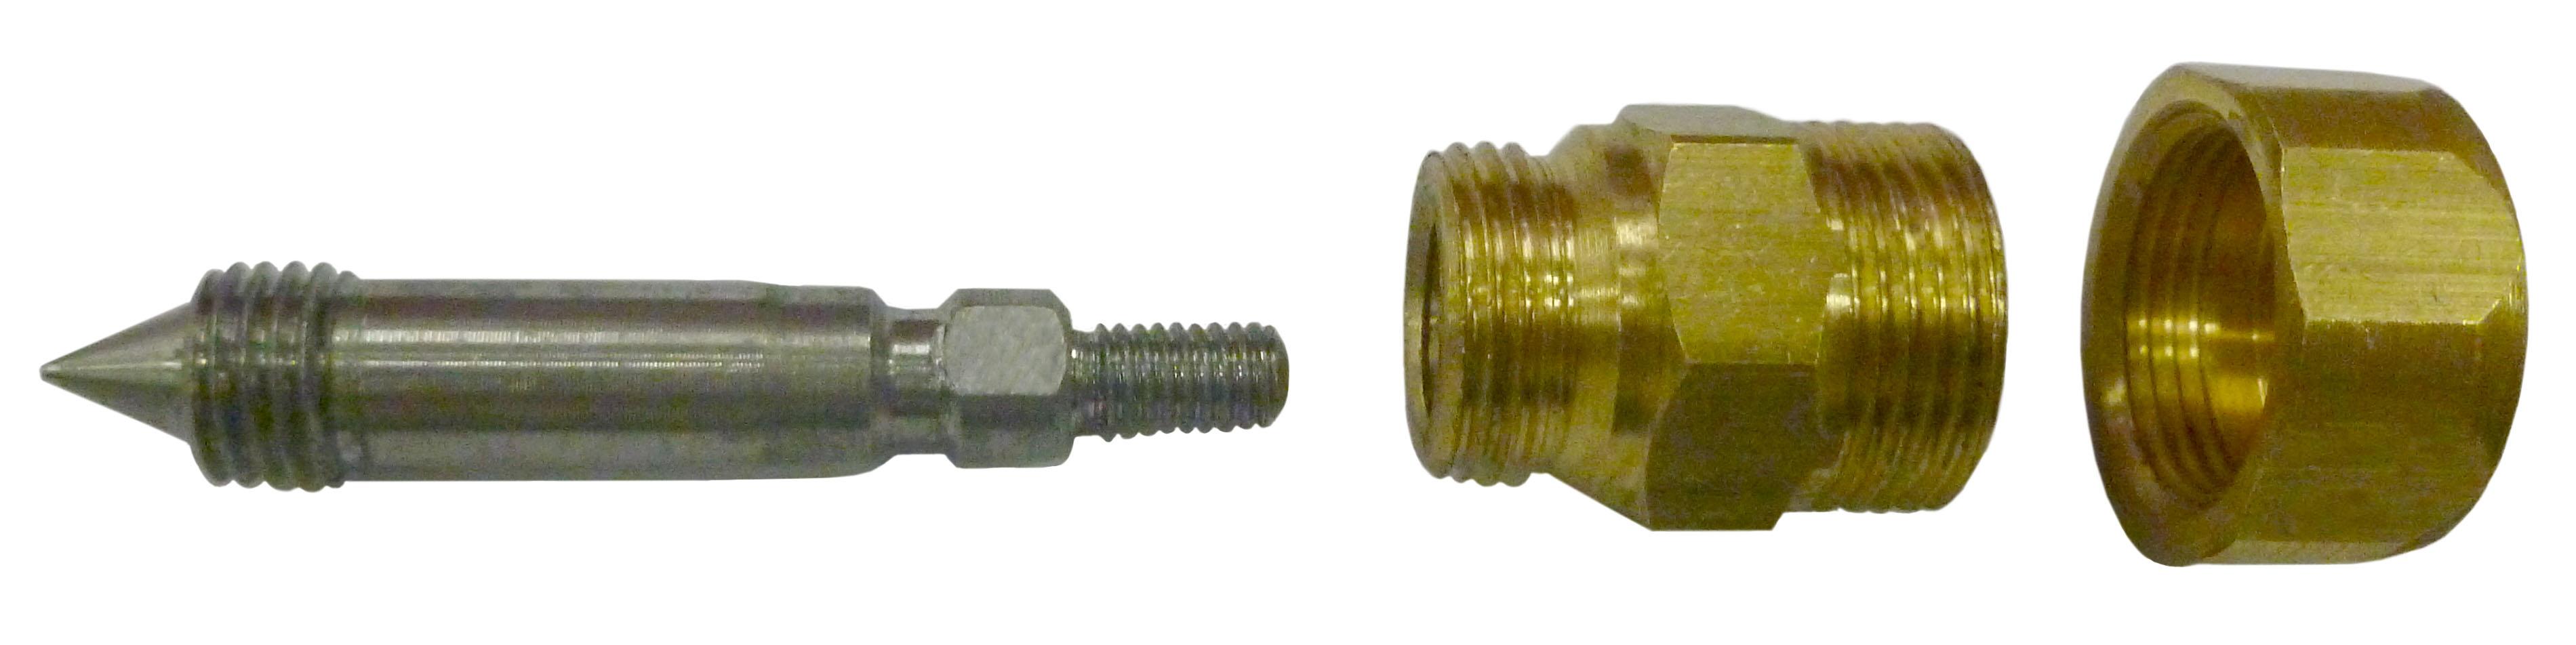 7 Клапан в сборе вентиля Газ, Кислород Г2